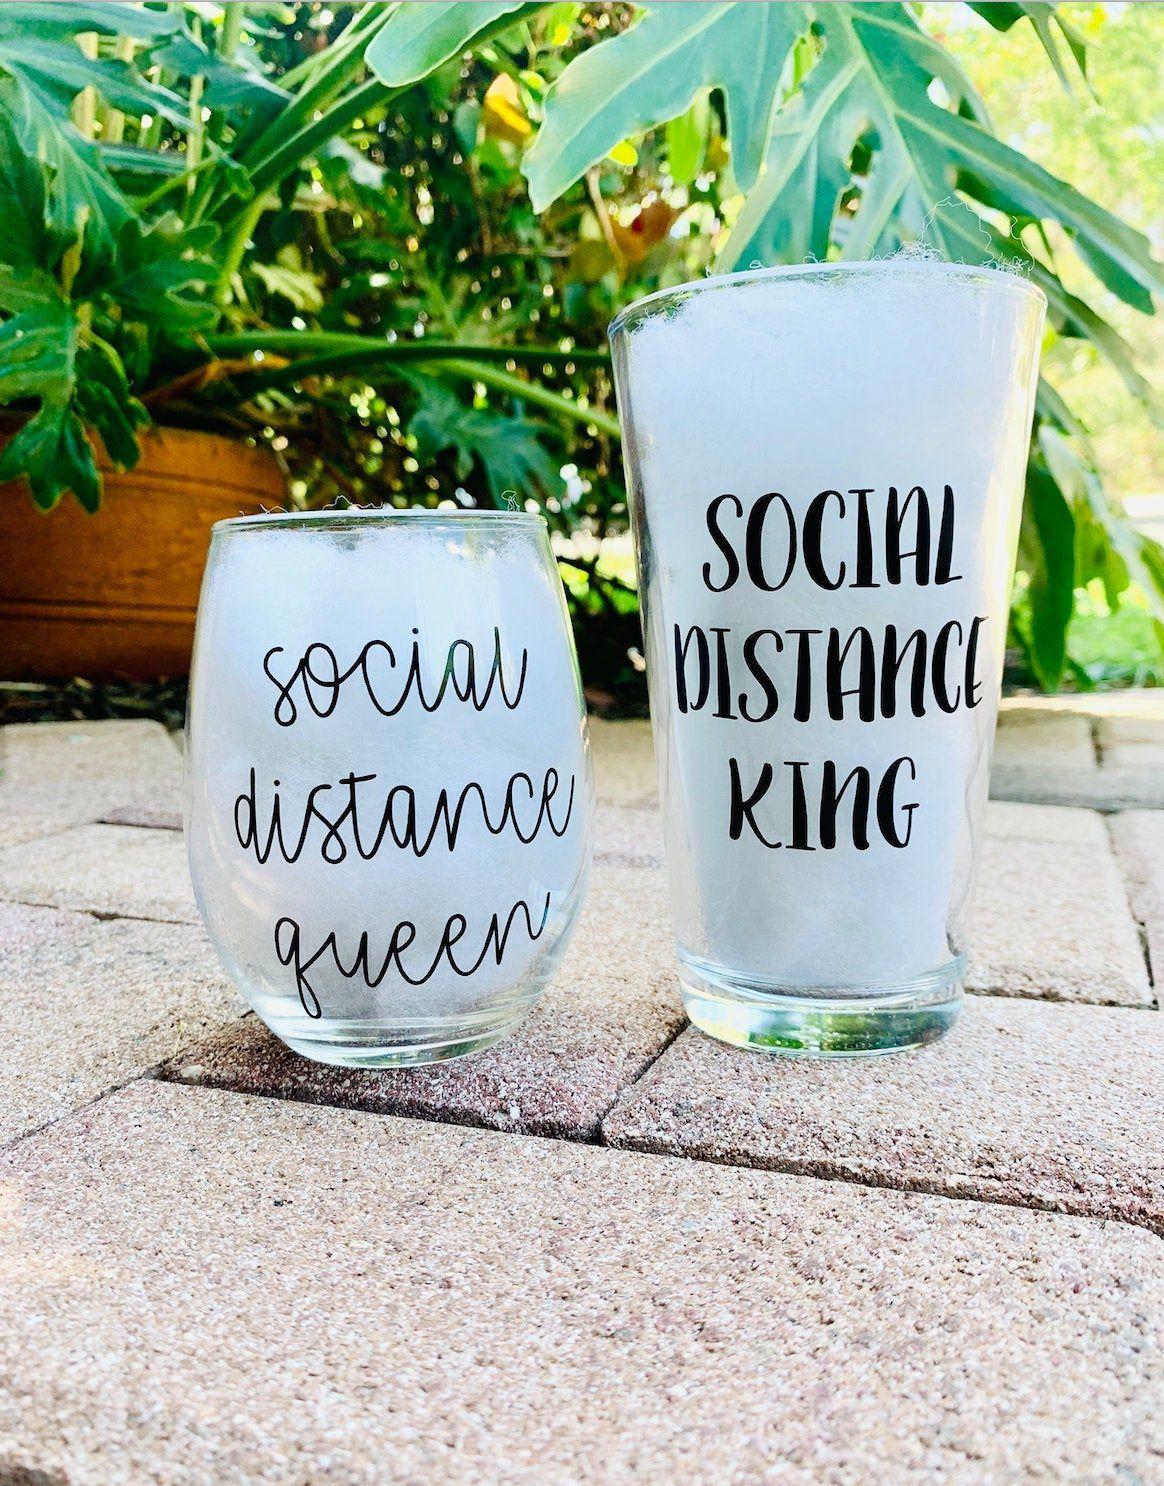 Social distance couple, social distance queen, social distance king, social distancing, quarantine wine glass,social distance set,wine glass